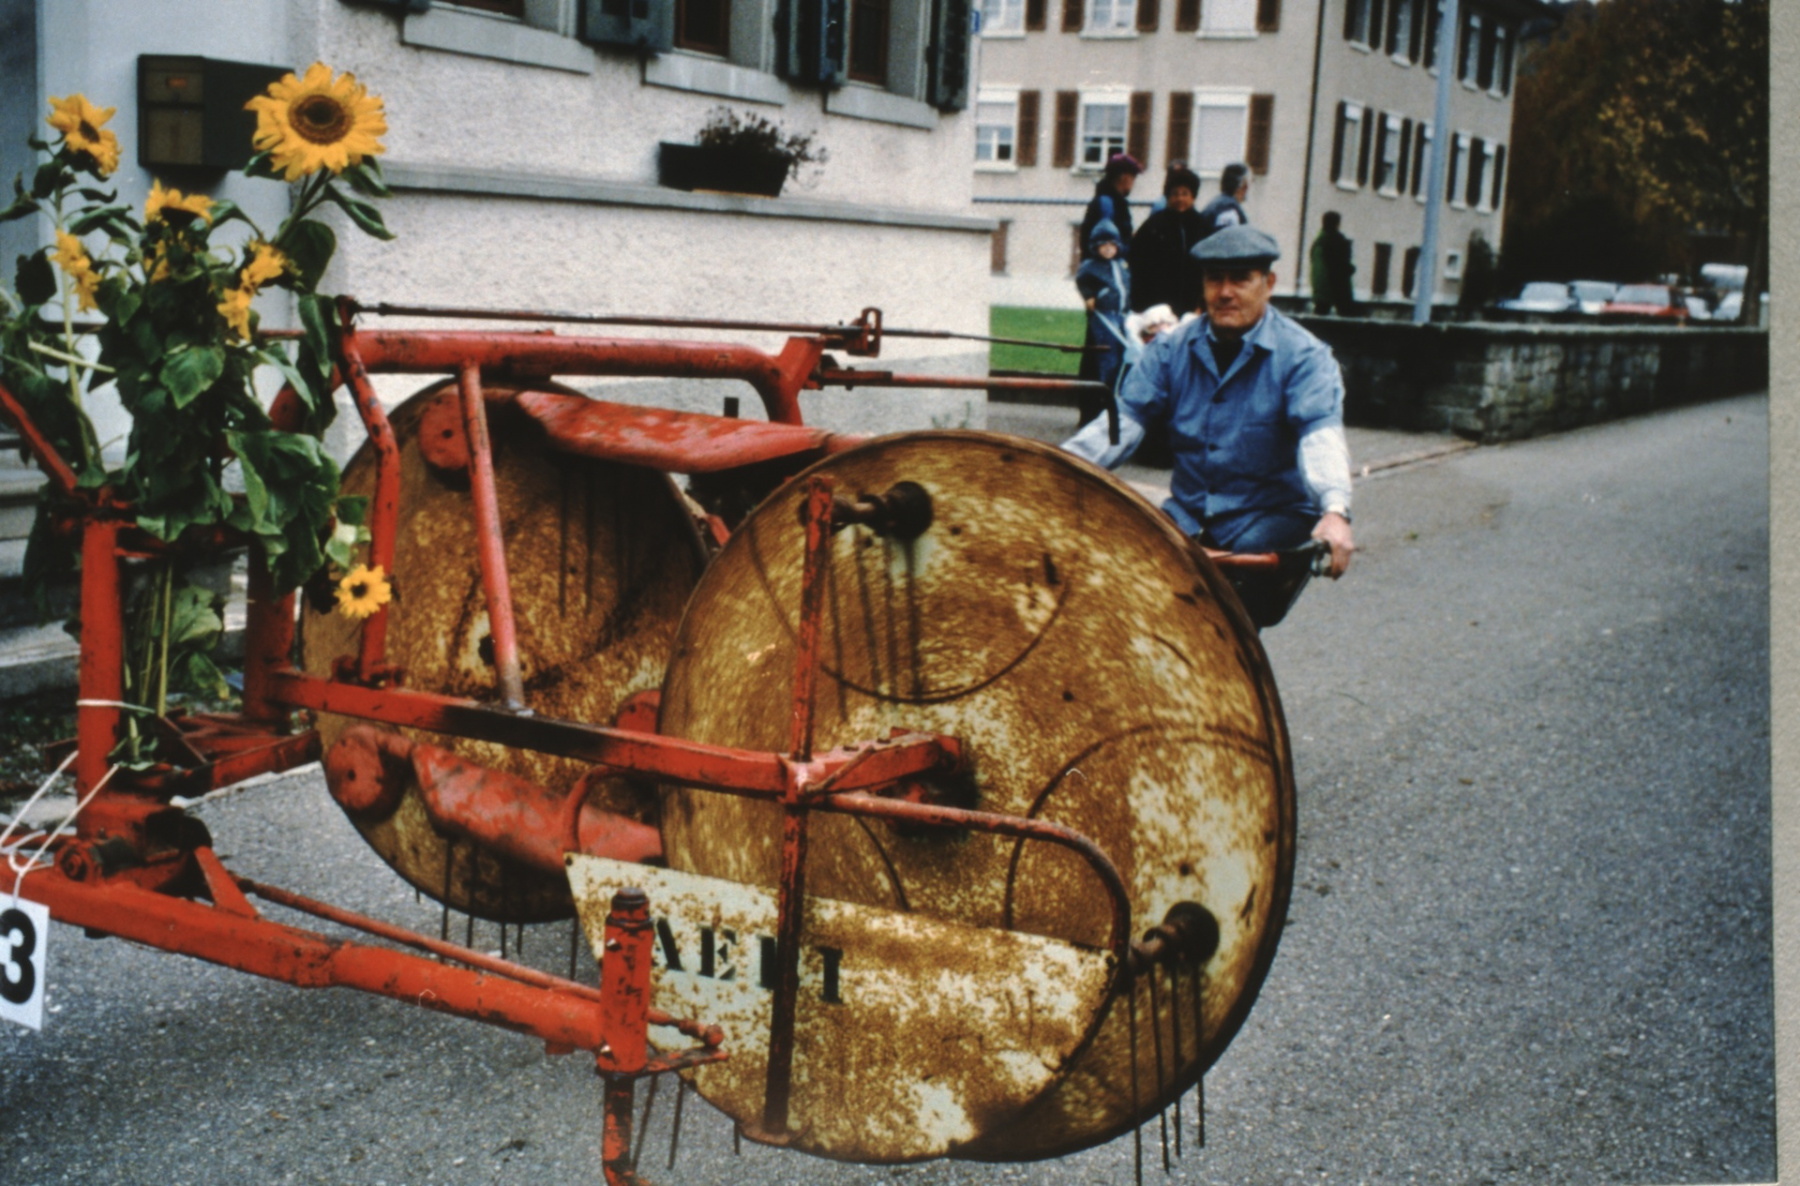 Umzug 100 Jahre Viehzuchtgenossenschaft, Otto Jung, Heuwender